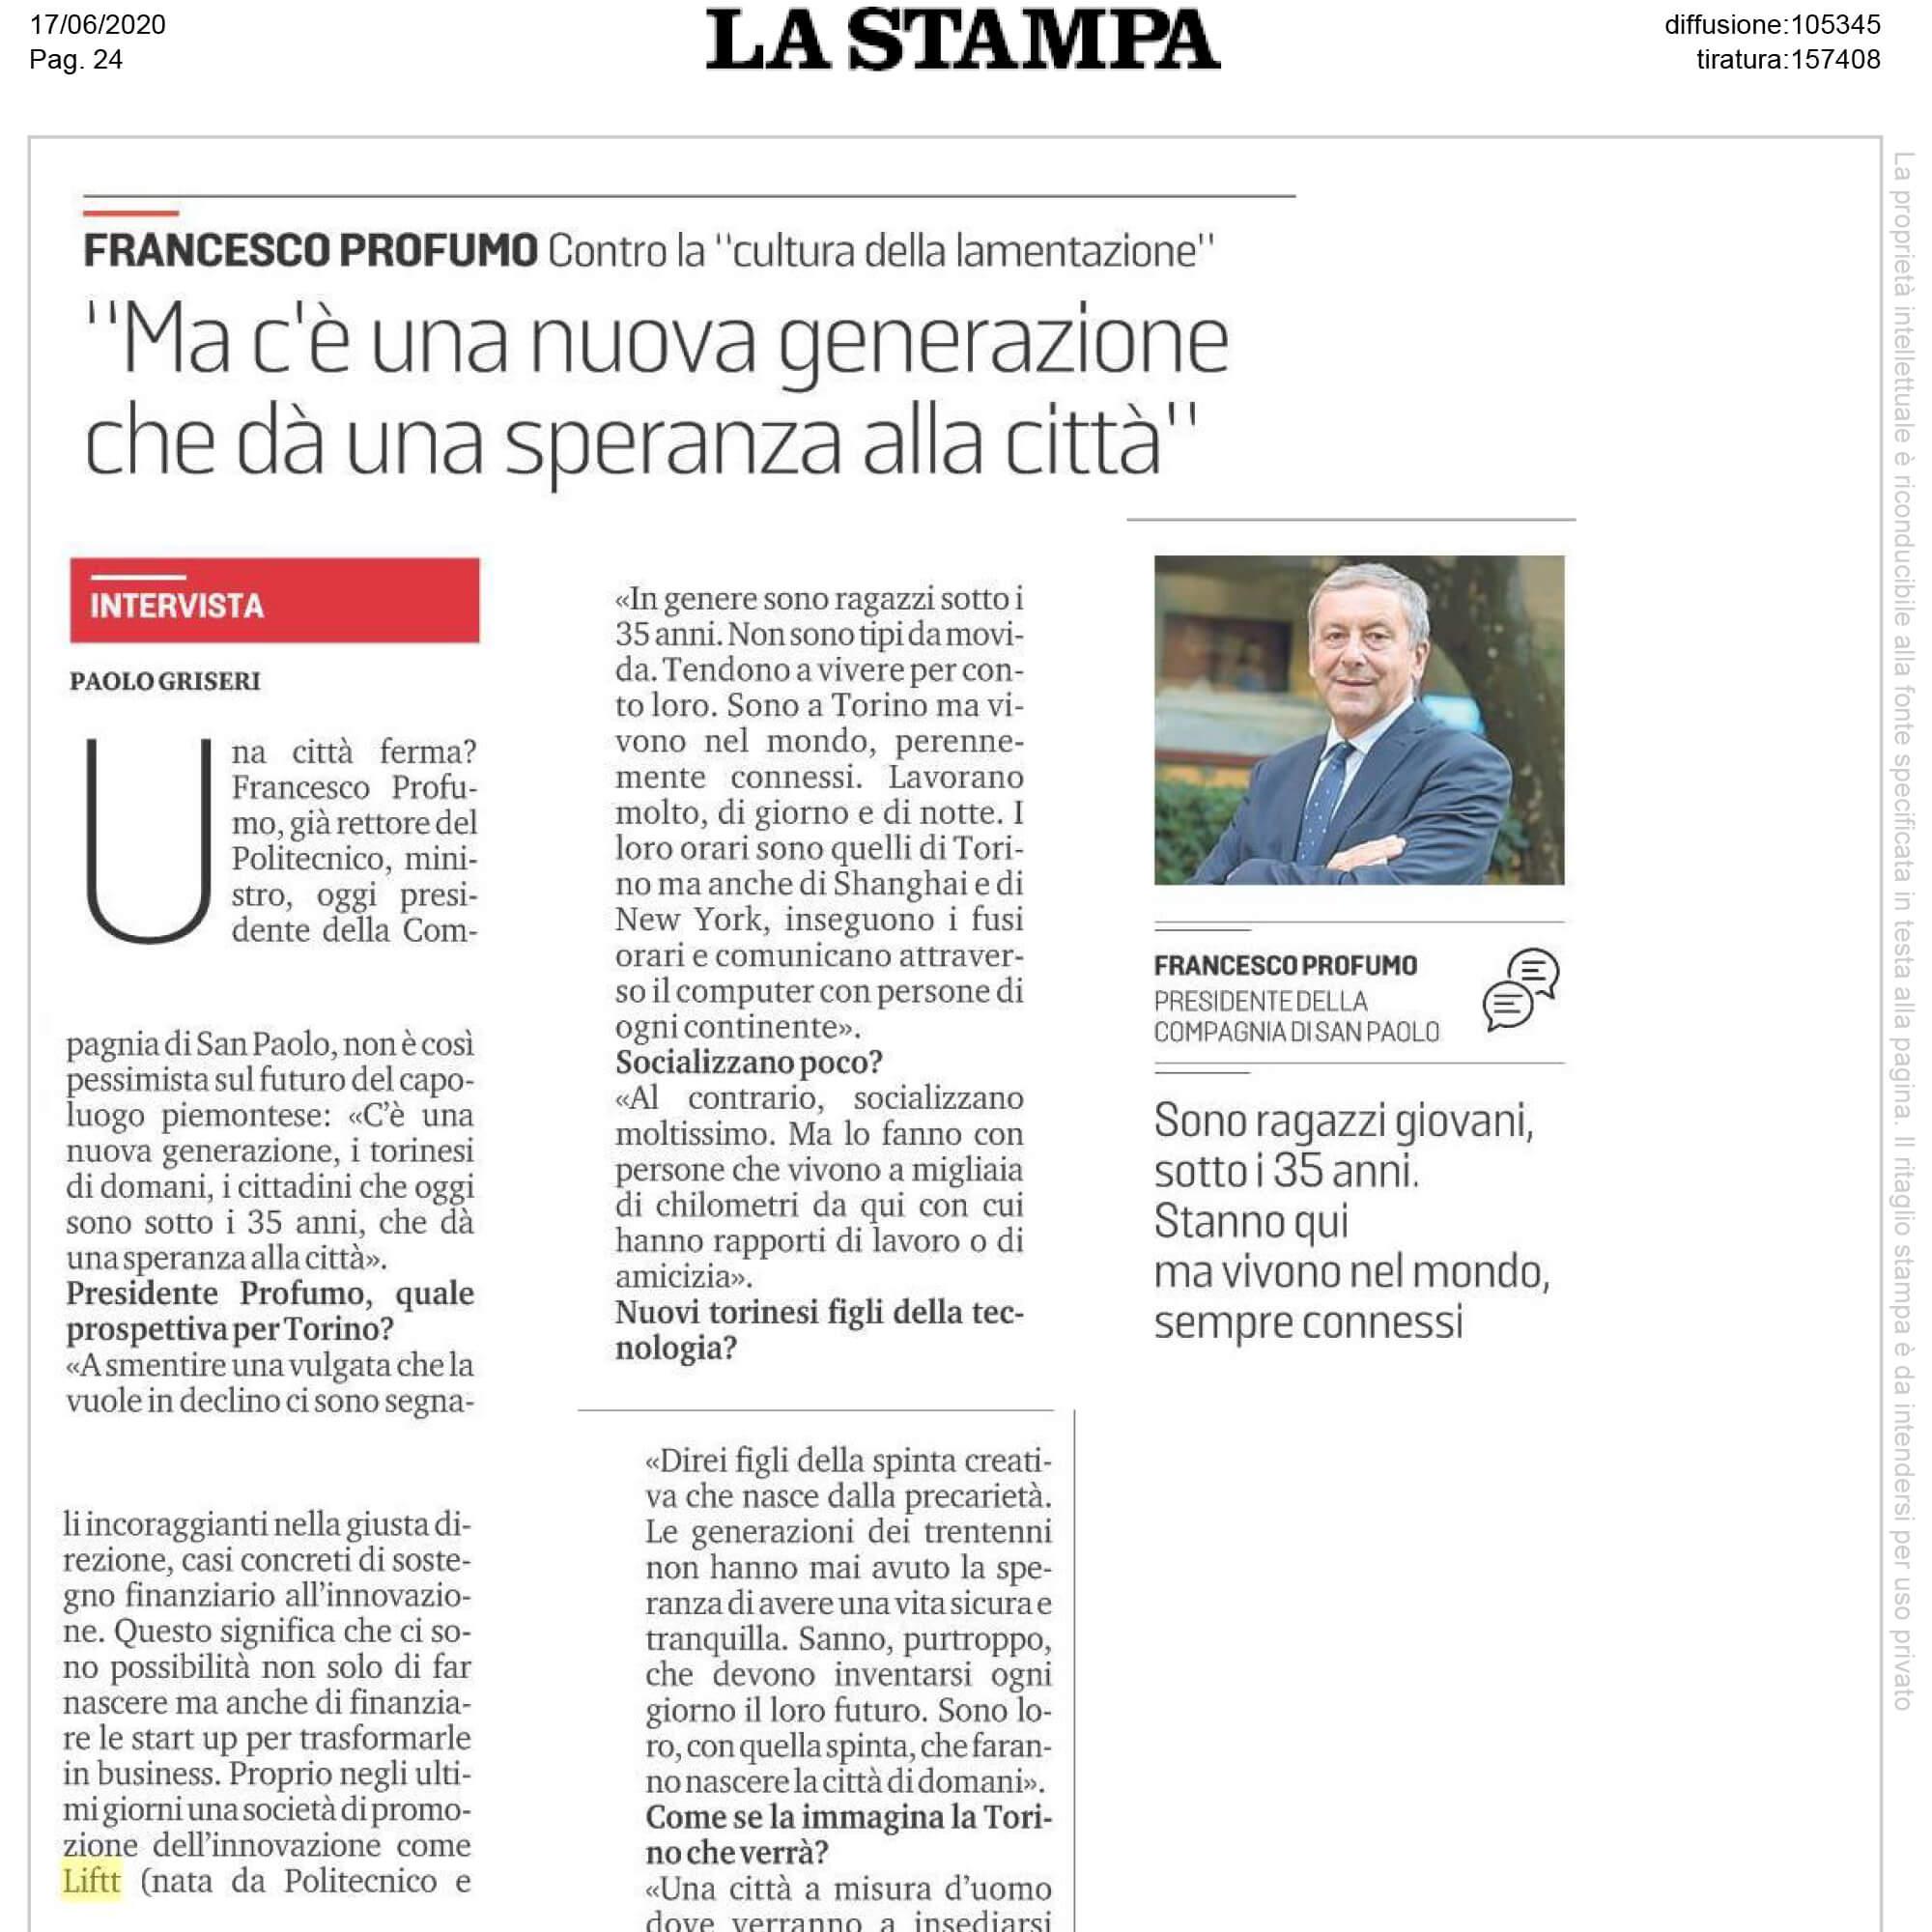 2020-06-17_LIFTT_La_Stampa